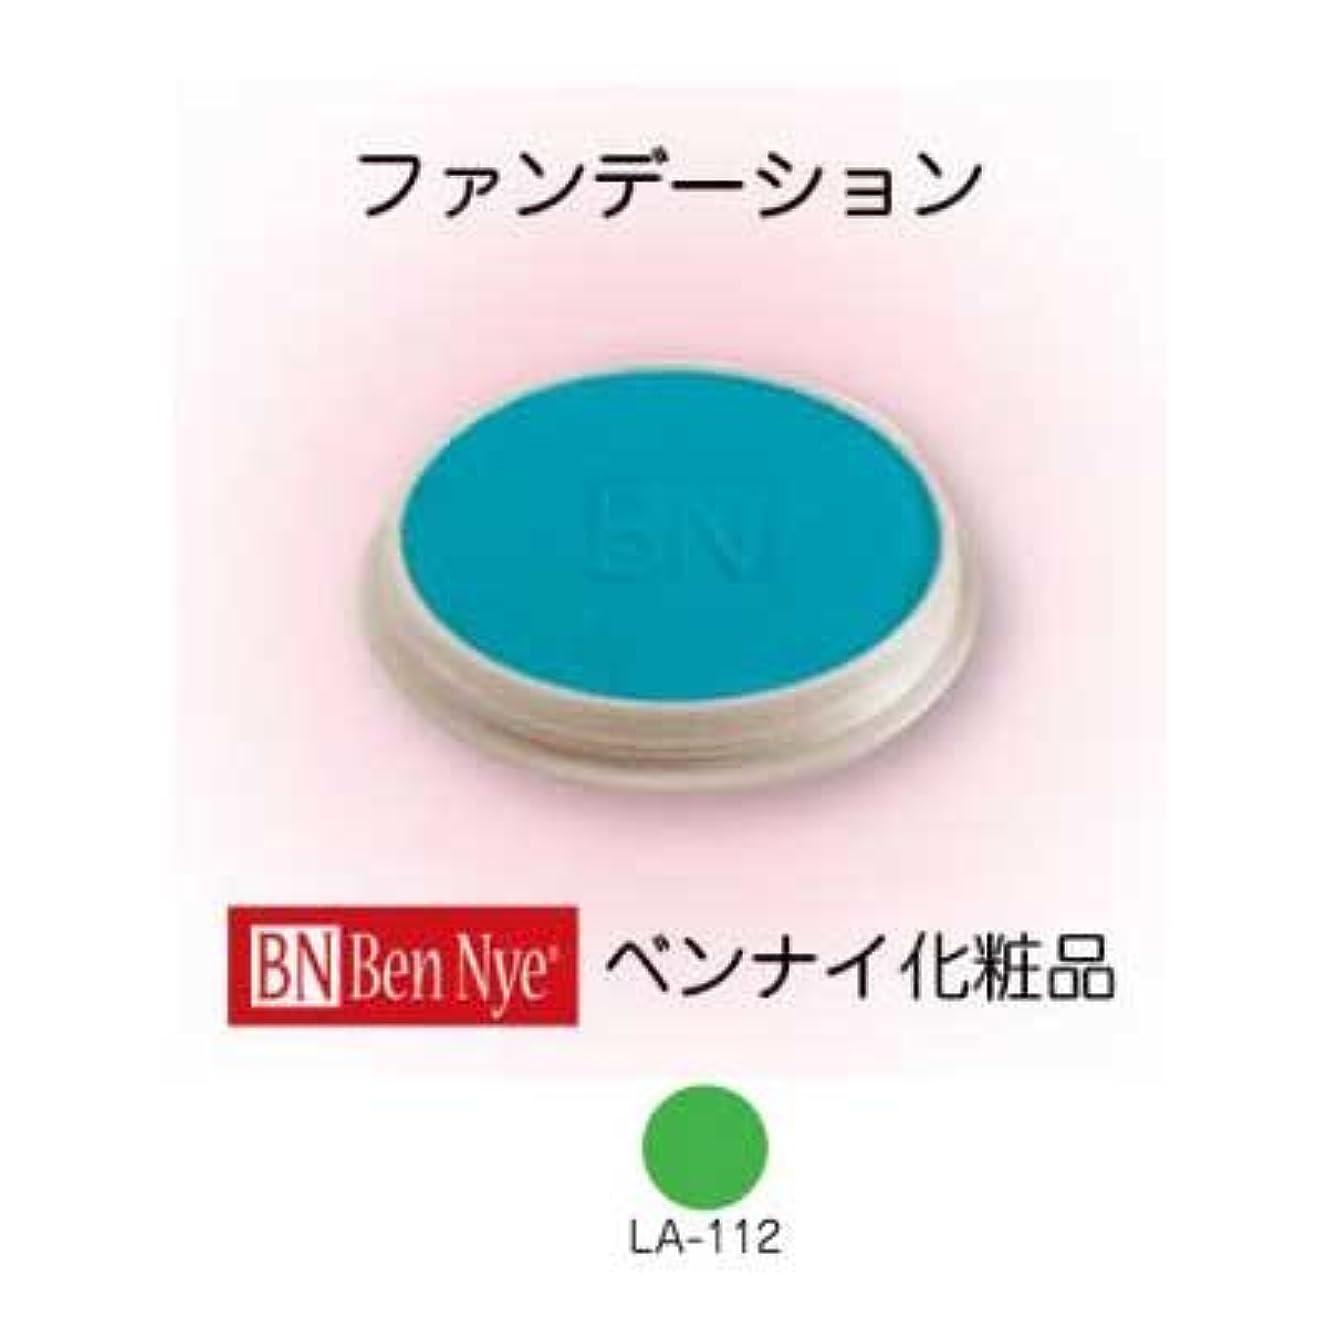 看板モジュール鷲マジケーキ LA-112【ベンナイ化粧品】